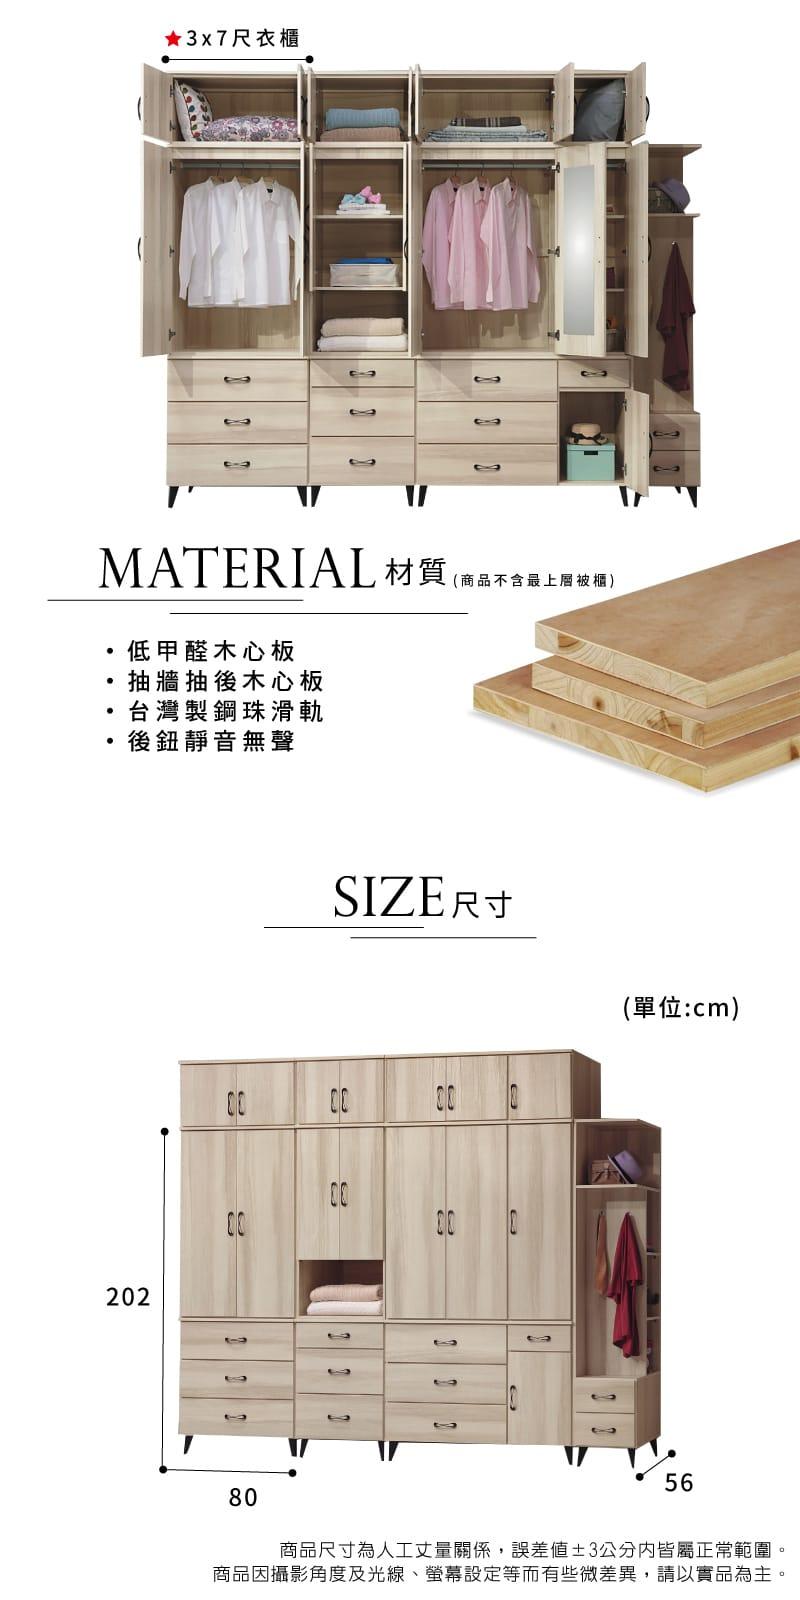 拉門收納置物衣櫃 寬80cm【庫洛馬】